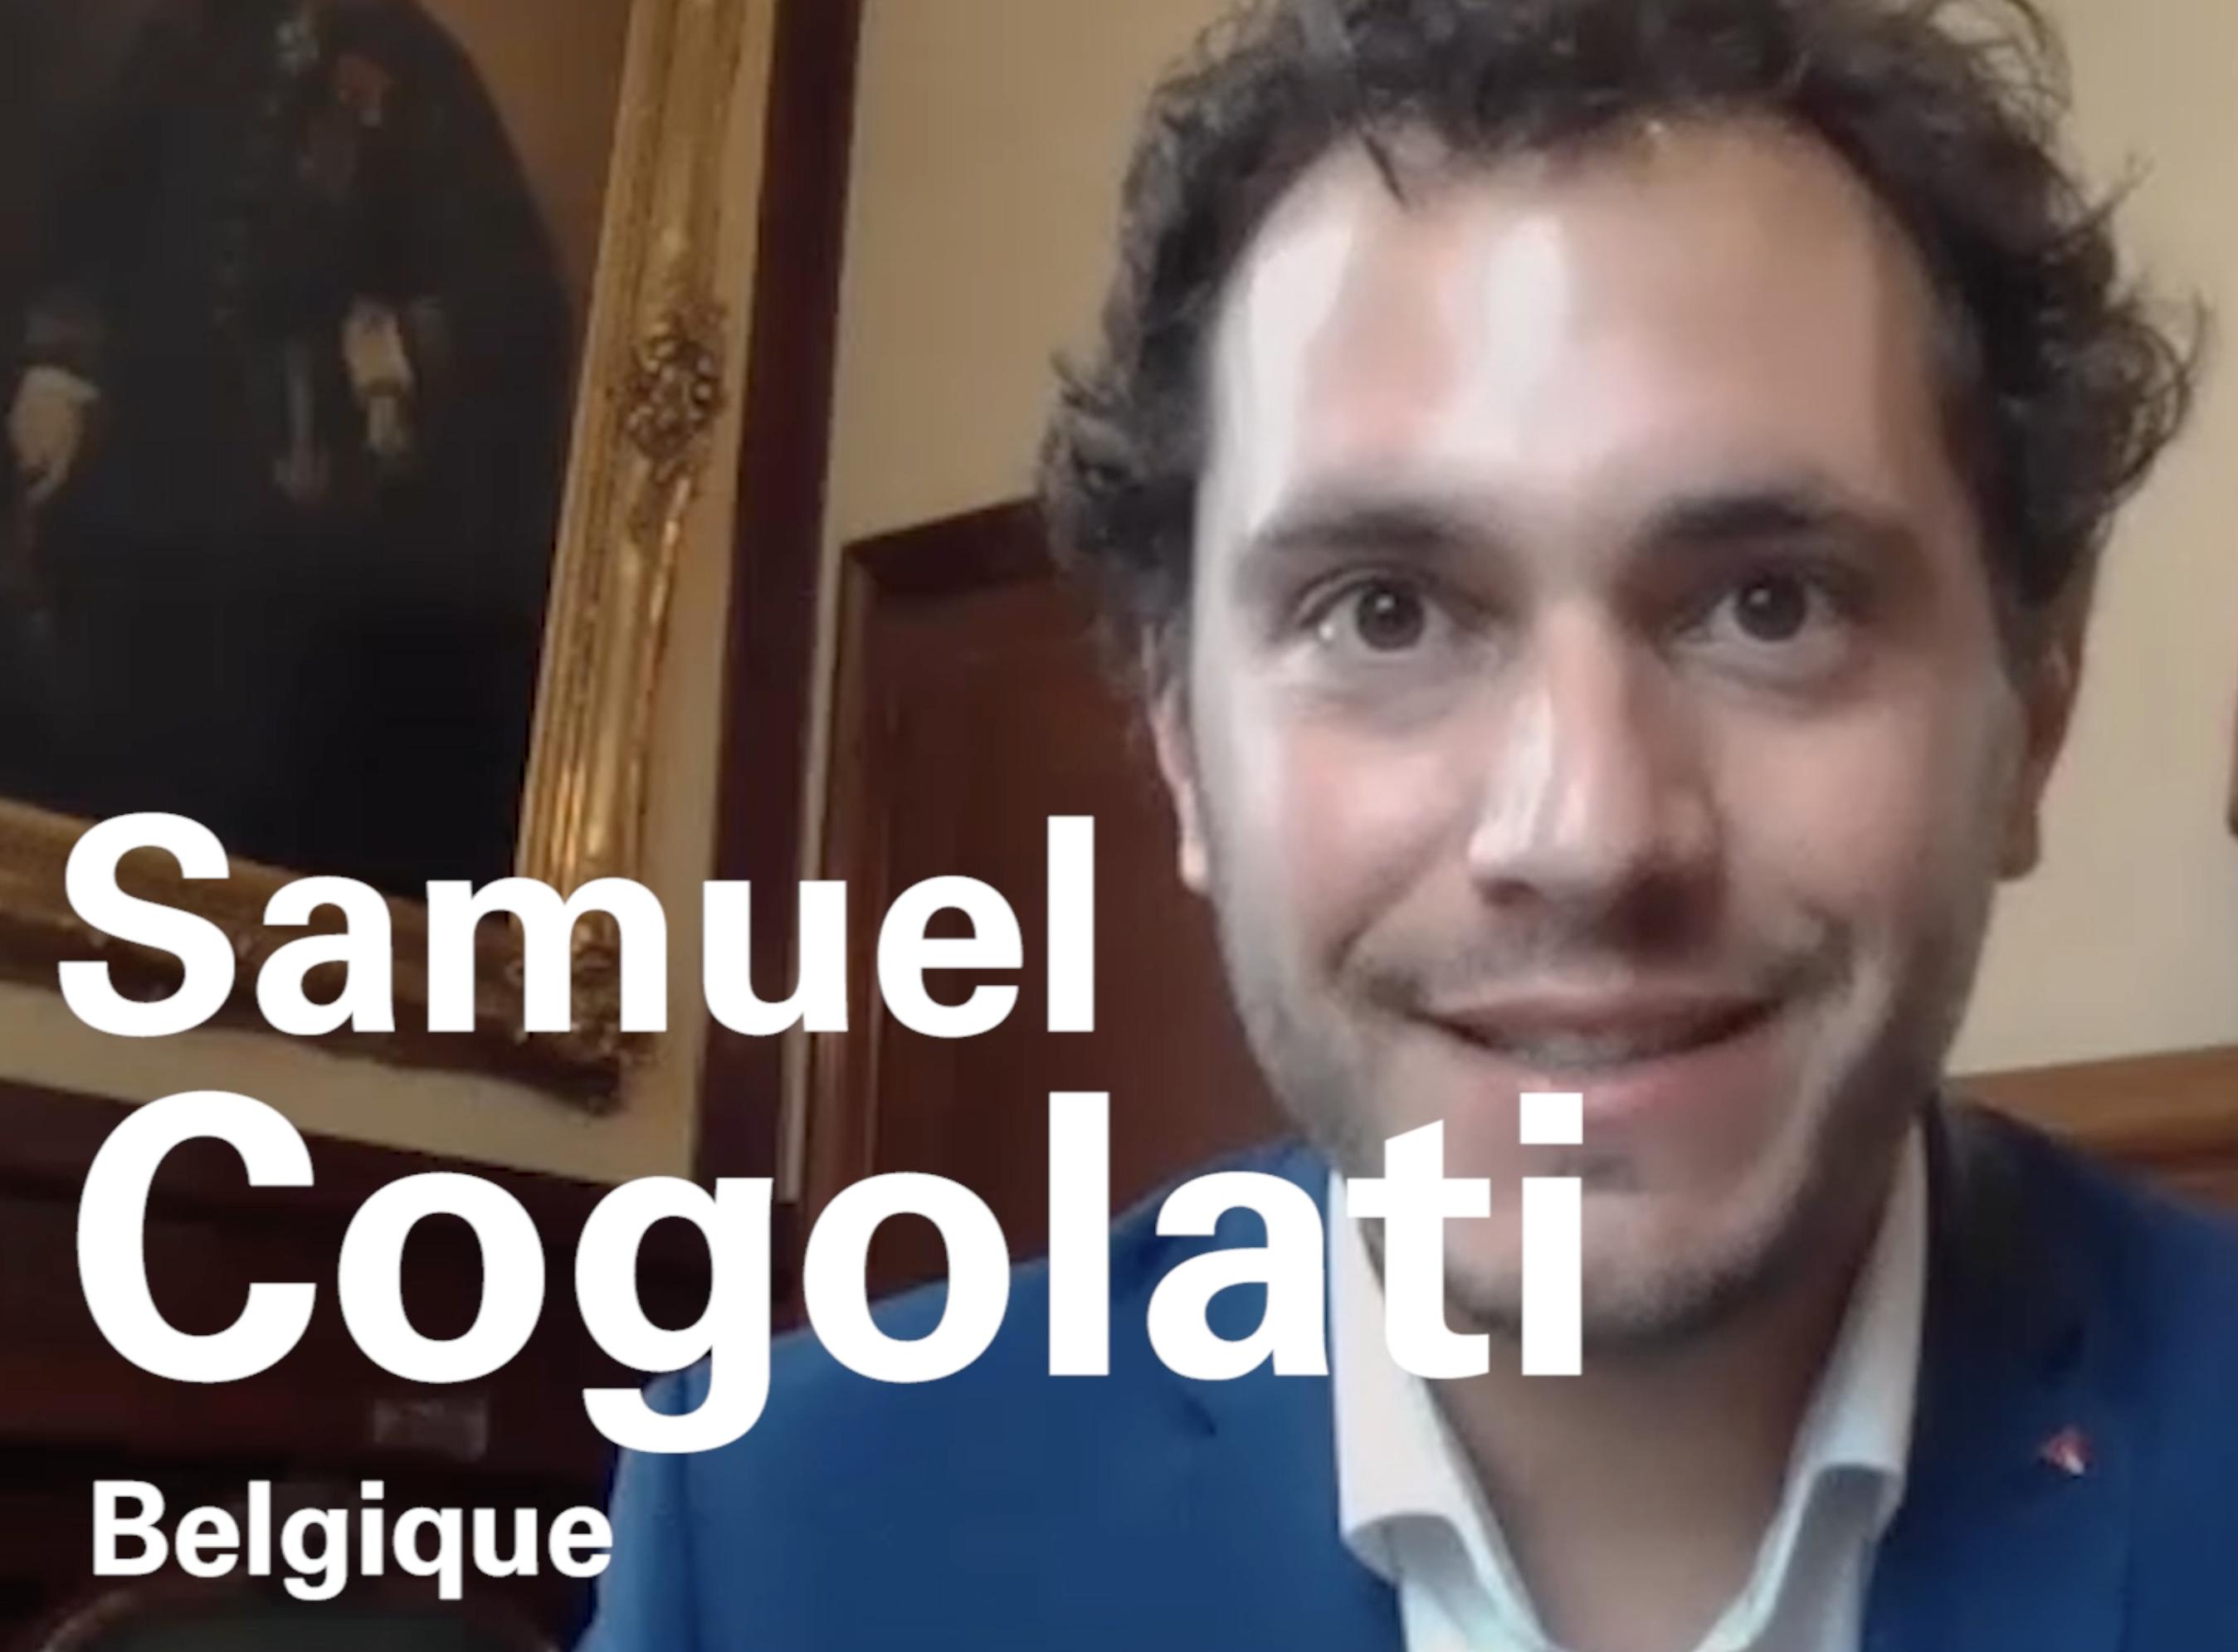 Samuel Cogolati